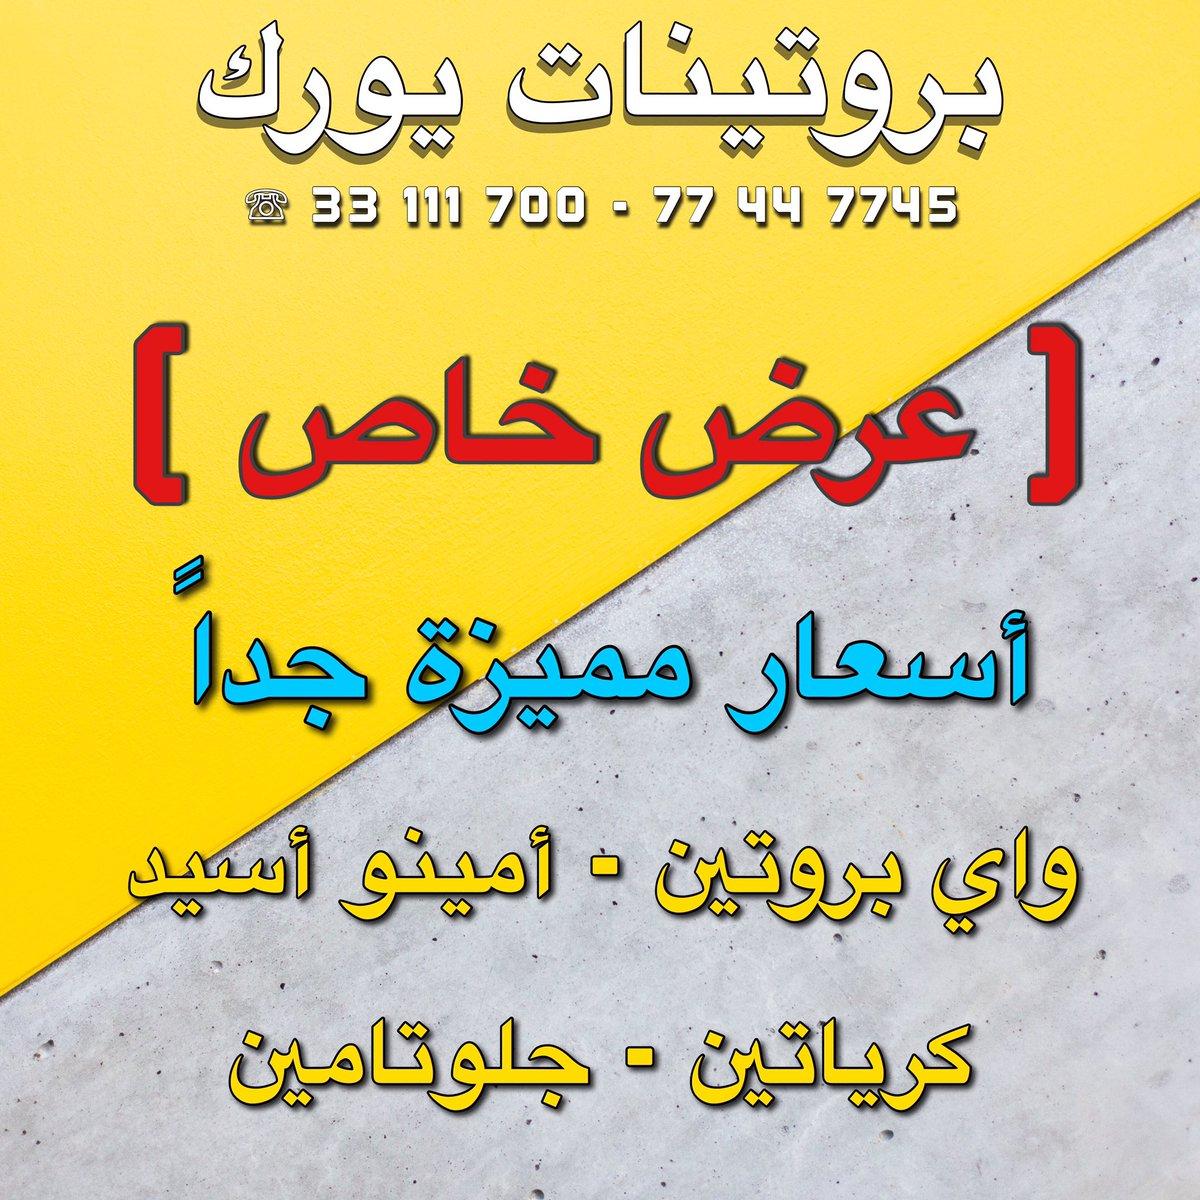 #qatar #qatari #qtr #qatarairways #ooredooqatar #doha_qatar #qatar_shopping #qataria #qatarfood #qatarlife #dohaqatar #doha #qatarliving #visitQatar #qatargym #dohafitness #qgym #ladygym  #healthyqatar #qatarbodybuilding #qatargym #qataruniversity #qatarfitness #fitnessqatarpic.twitter.com/sFdxNZt5Ea